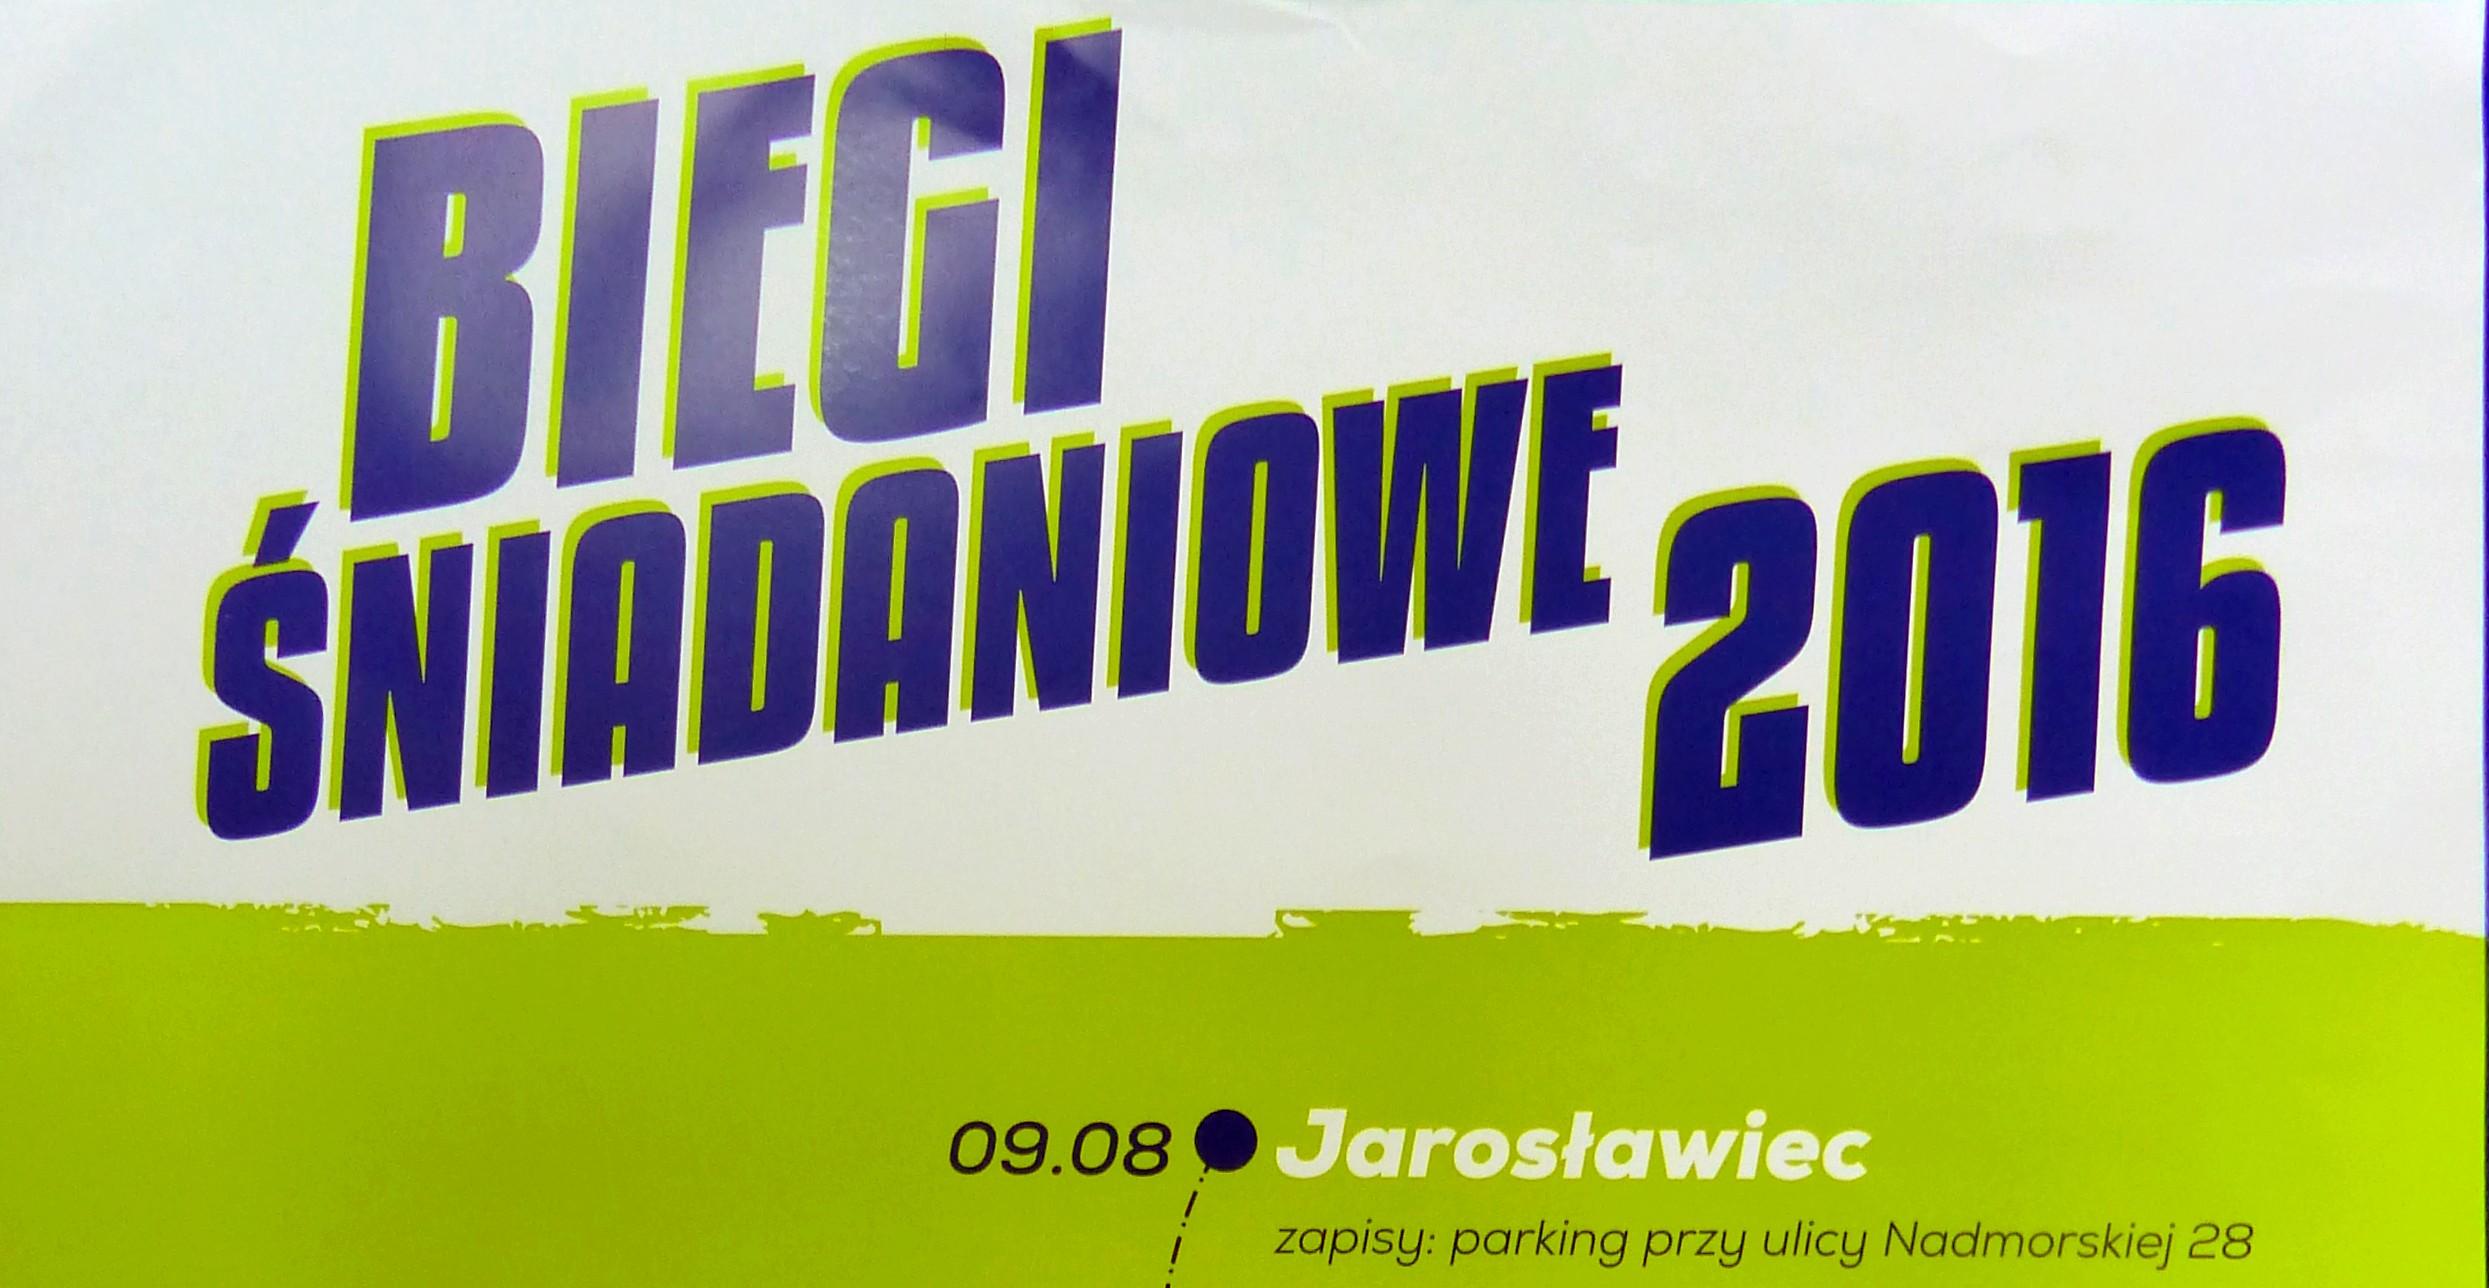 Plakat Bieg Śniadaniowy 2016 nag